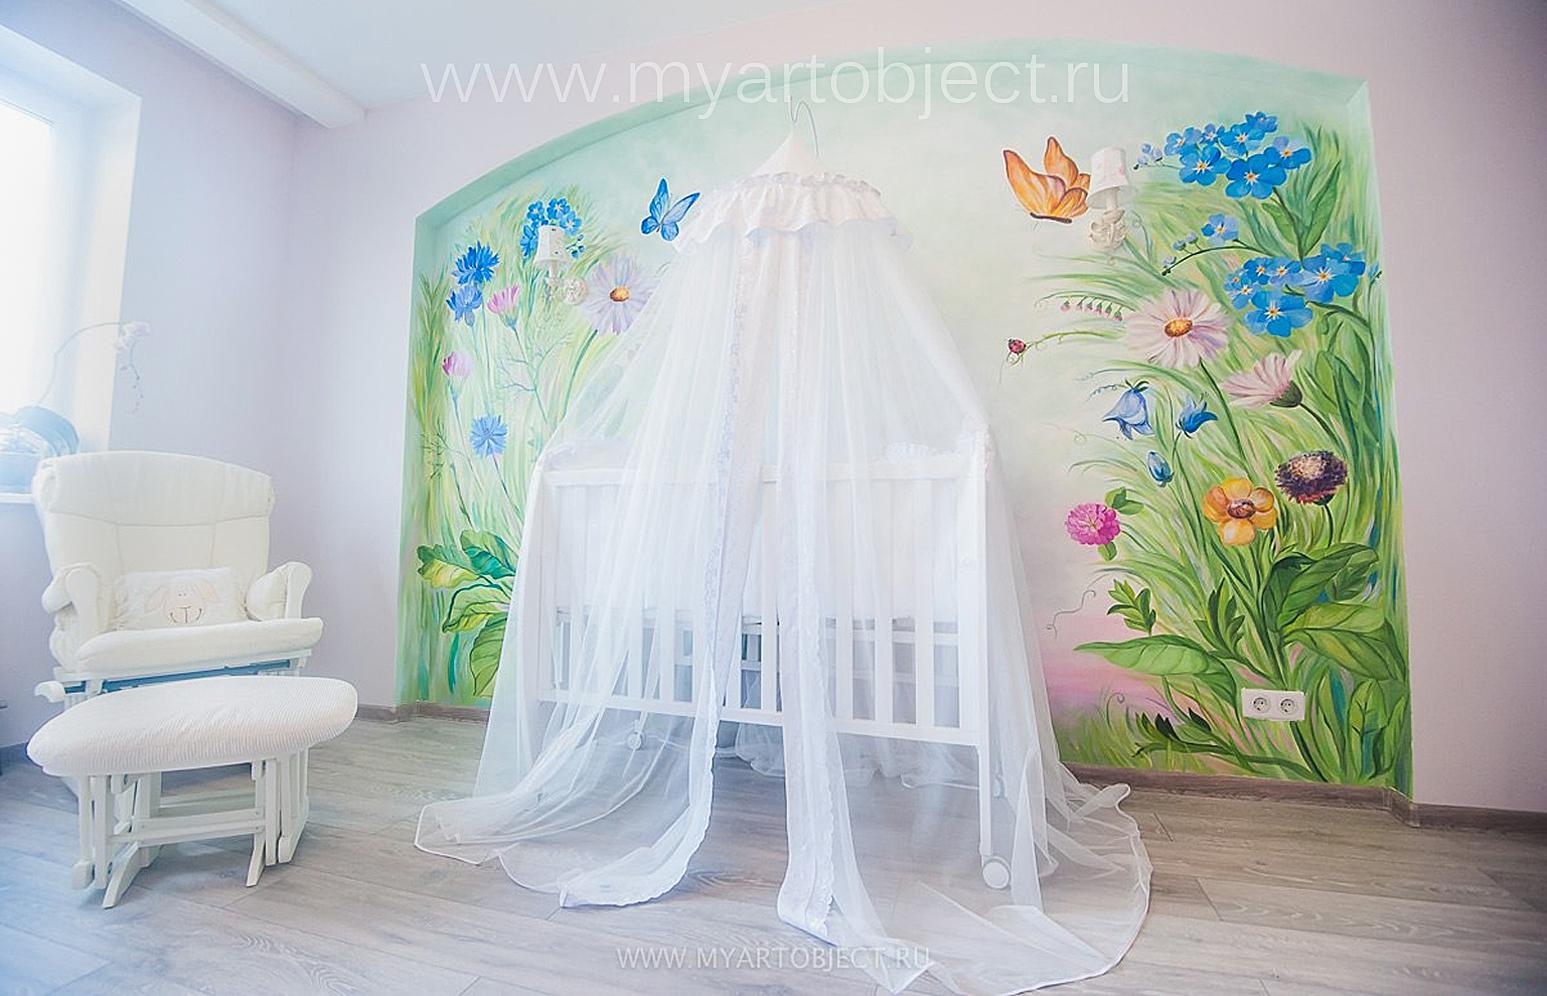 роспись детской комнаты девочки в москве  -дизайн детской комнаты Москва